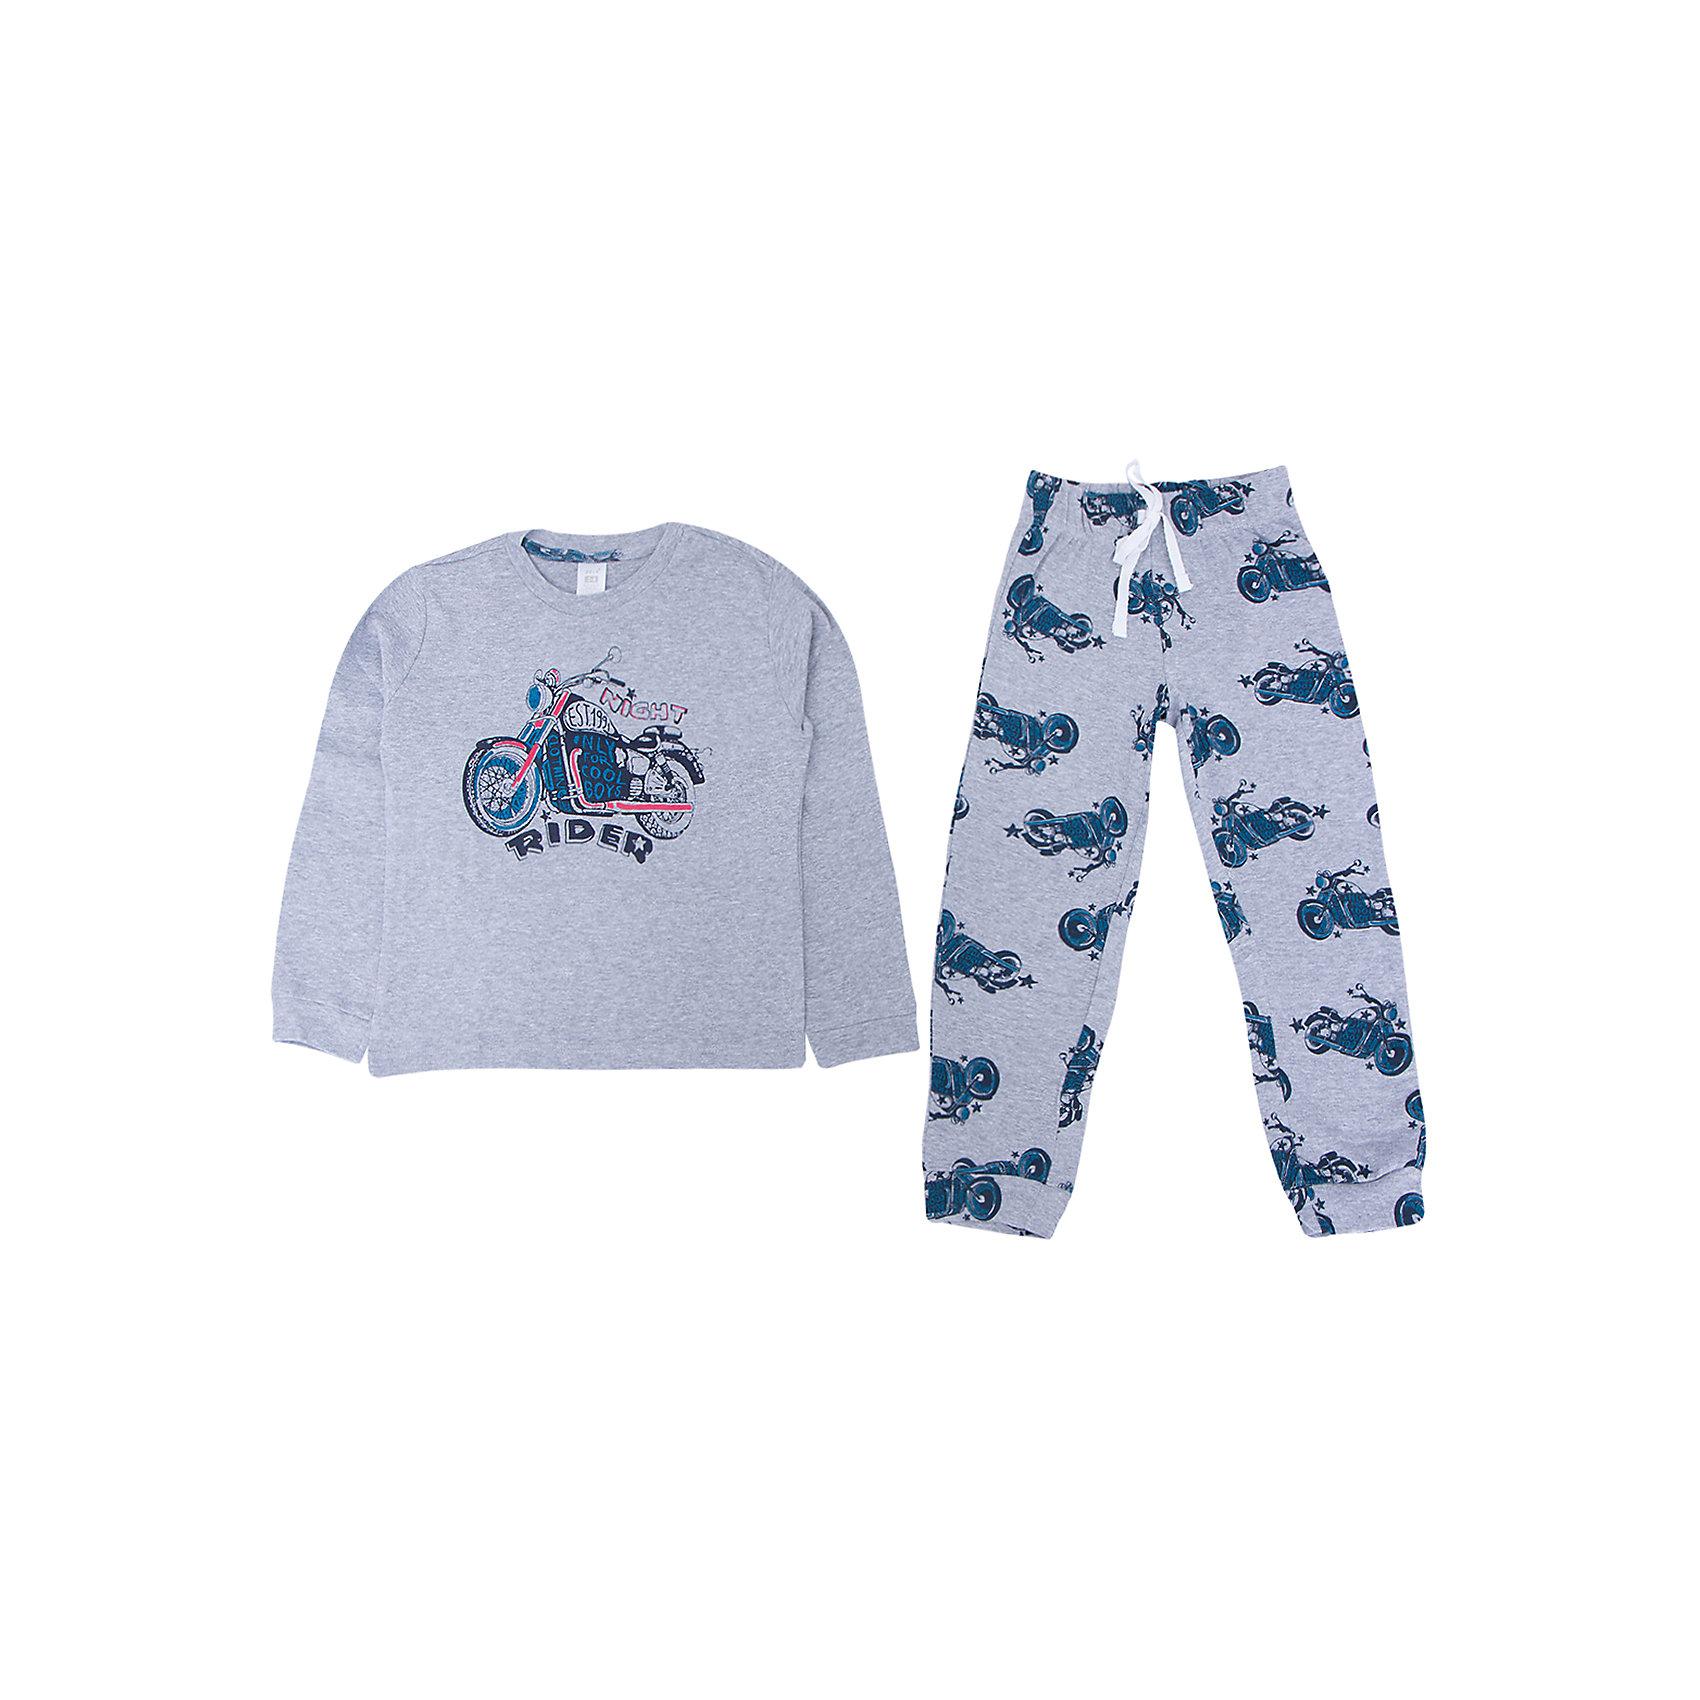 Пижама для мальчика SELAУдобная пижама - неотъемлемая составляющая комфортного сна ребенка. Эта модель отлично сидит на девочке, она сшита из приятного на ощупь материала, мягкая и дышащая. Натуральный хлопок в составе ткани не вызывает аллергии и обеспечивает ребенку комфорт. В наборе - футболка с длинным рукавом и штаны, вещи украшены симпатичным принтом.<br>Одежда от бренда Sela (Села) - это качество по приемлемым ценам. Многие российские родители уже оценили преимущества продукции этой компании и всё чаще приобретают одежду и аксессуары Sela.<br><br>Дополнительная информация:<br><br>цвет: разноцветный;<br>материал: 100% хлопок;<br>принт;<br>трикотаж.<br><br>Пижаму для мальчика от бренда Sela можно купить в нашем интернет-магазине.<br><br>Ширина мм: 281<br>Глубина мм: 70<br>Высота мм: 188<br>Вес г: 295<br>Цвет: серый<br>Возраст от месяцев: 120<br>Возраст до месяцев: 132<br>Пол: Мужской<br>Возраст: Детский<br>Размер: 140/146,92/98,128/134,116/122,104/110<br>SKU: 5020268